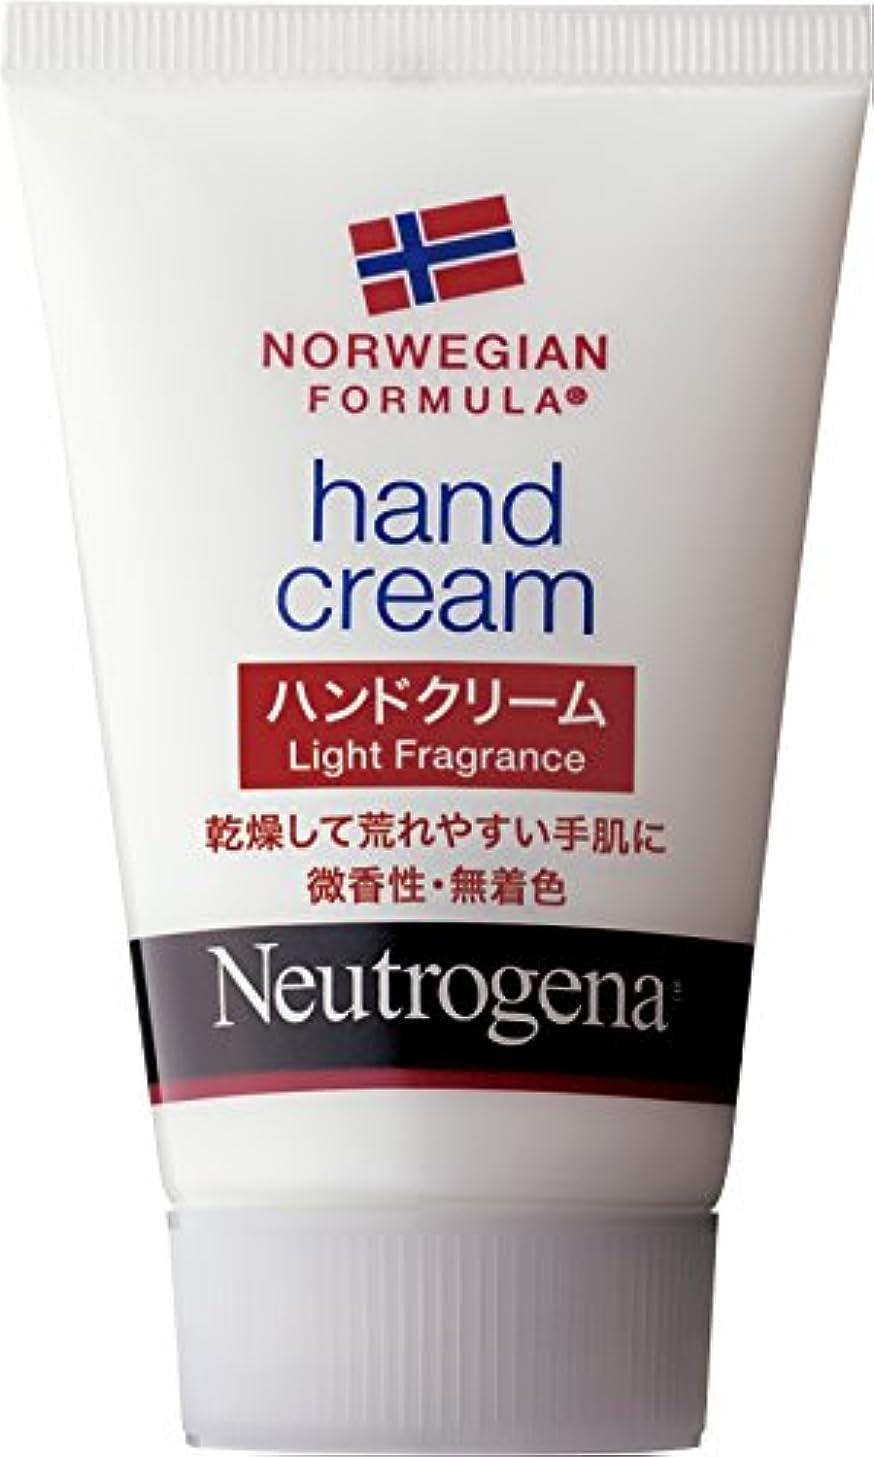 出会いラバ盆地Neutrogena(ニュートロジーナ)ノルウェーフォーミュラ ハンドクリーム 56g